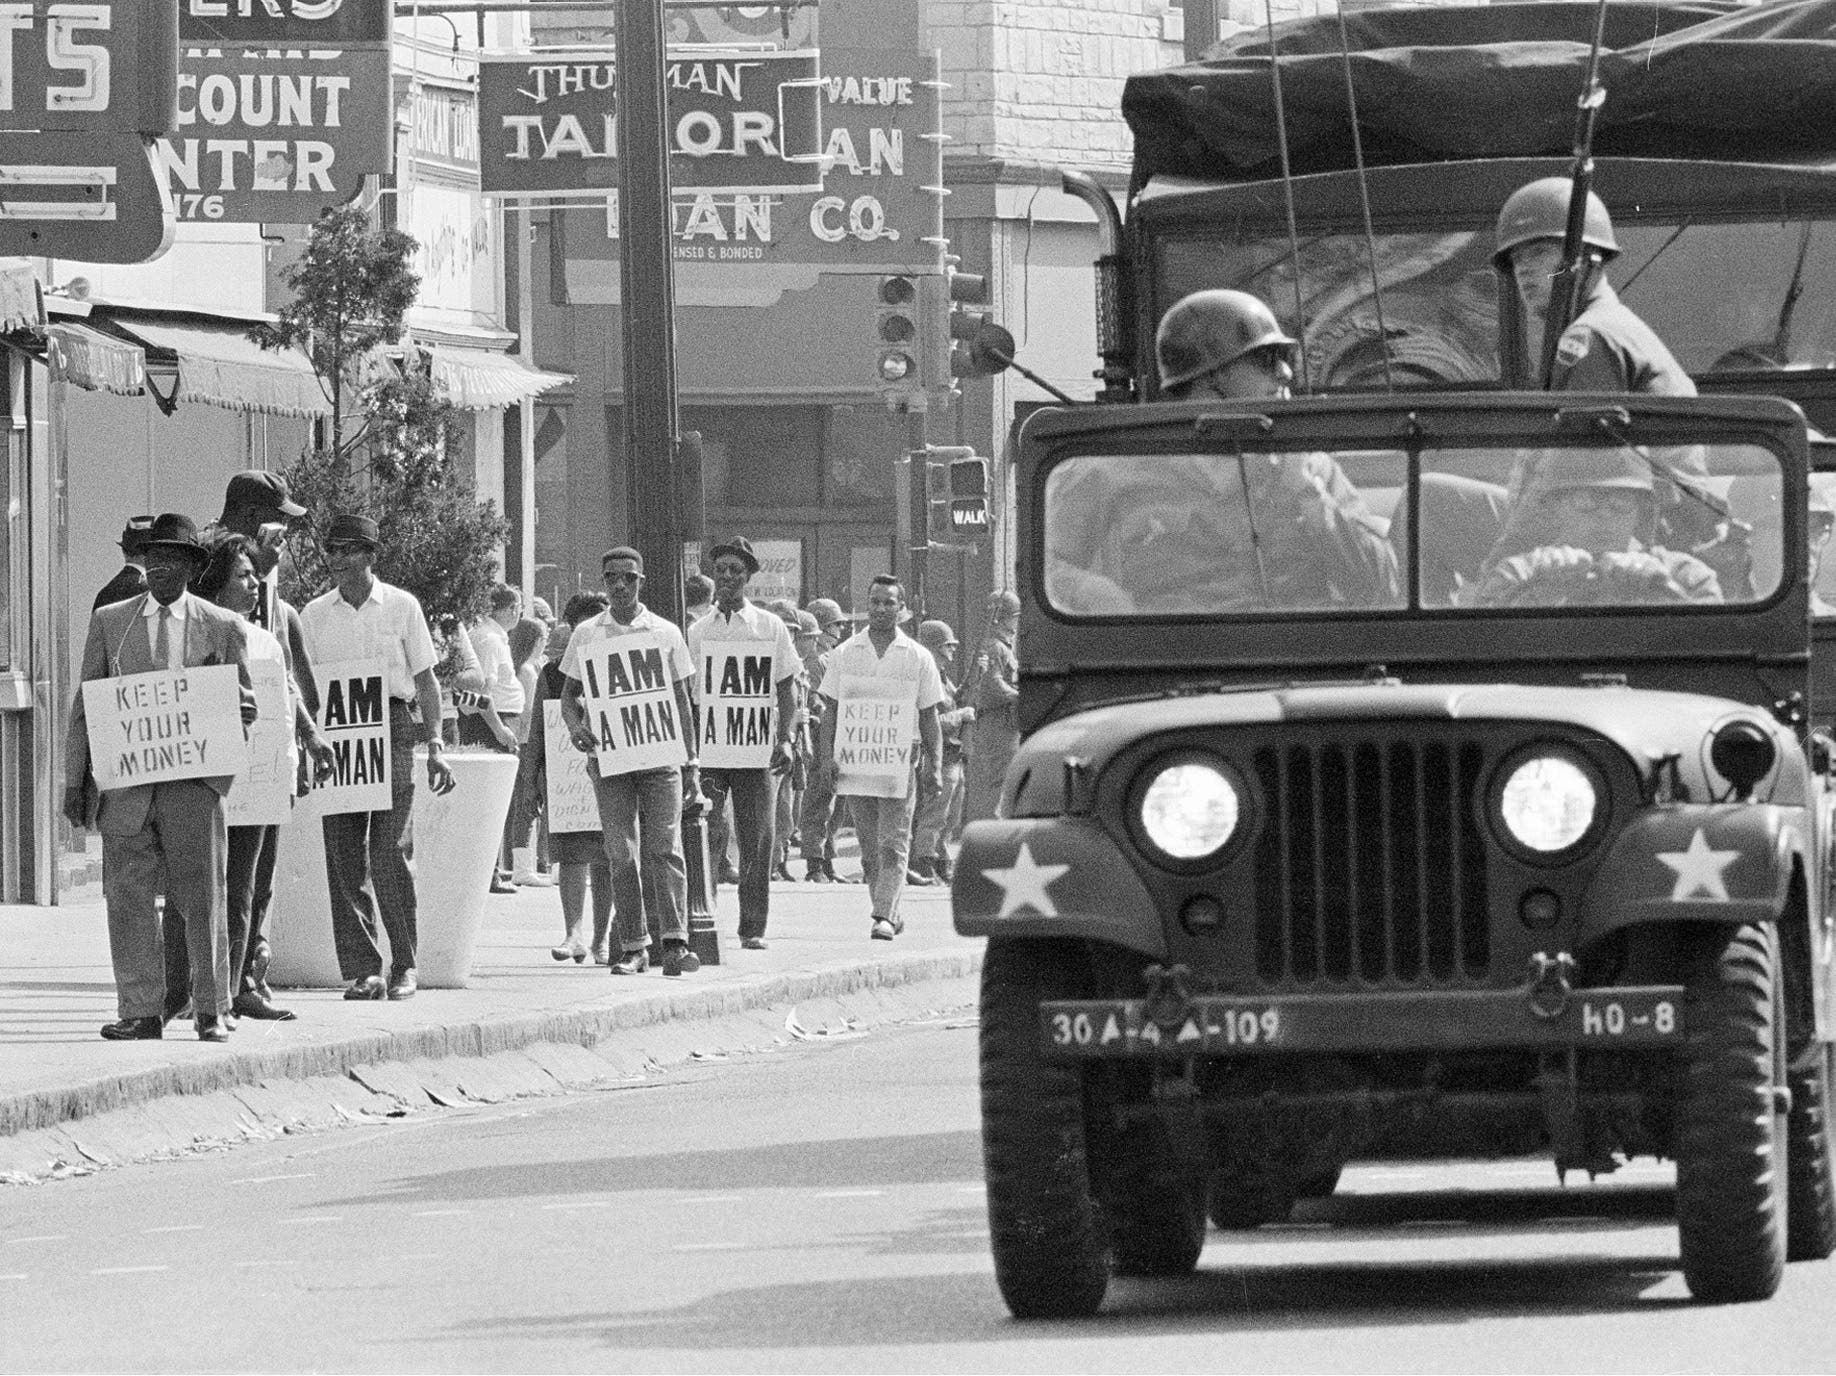 صورة لجانب من قوات الأمن أثناء احتجاجات ممفيس عام 1968